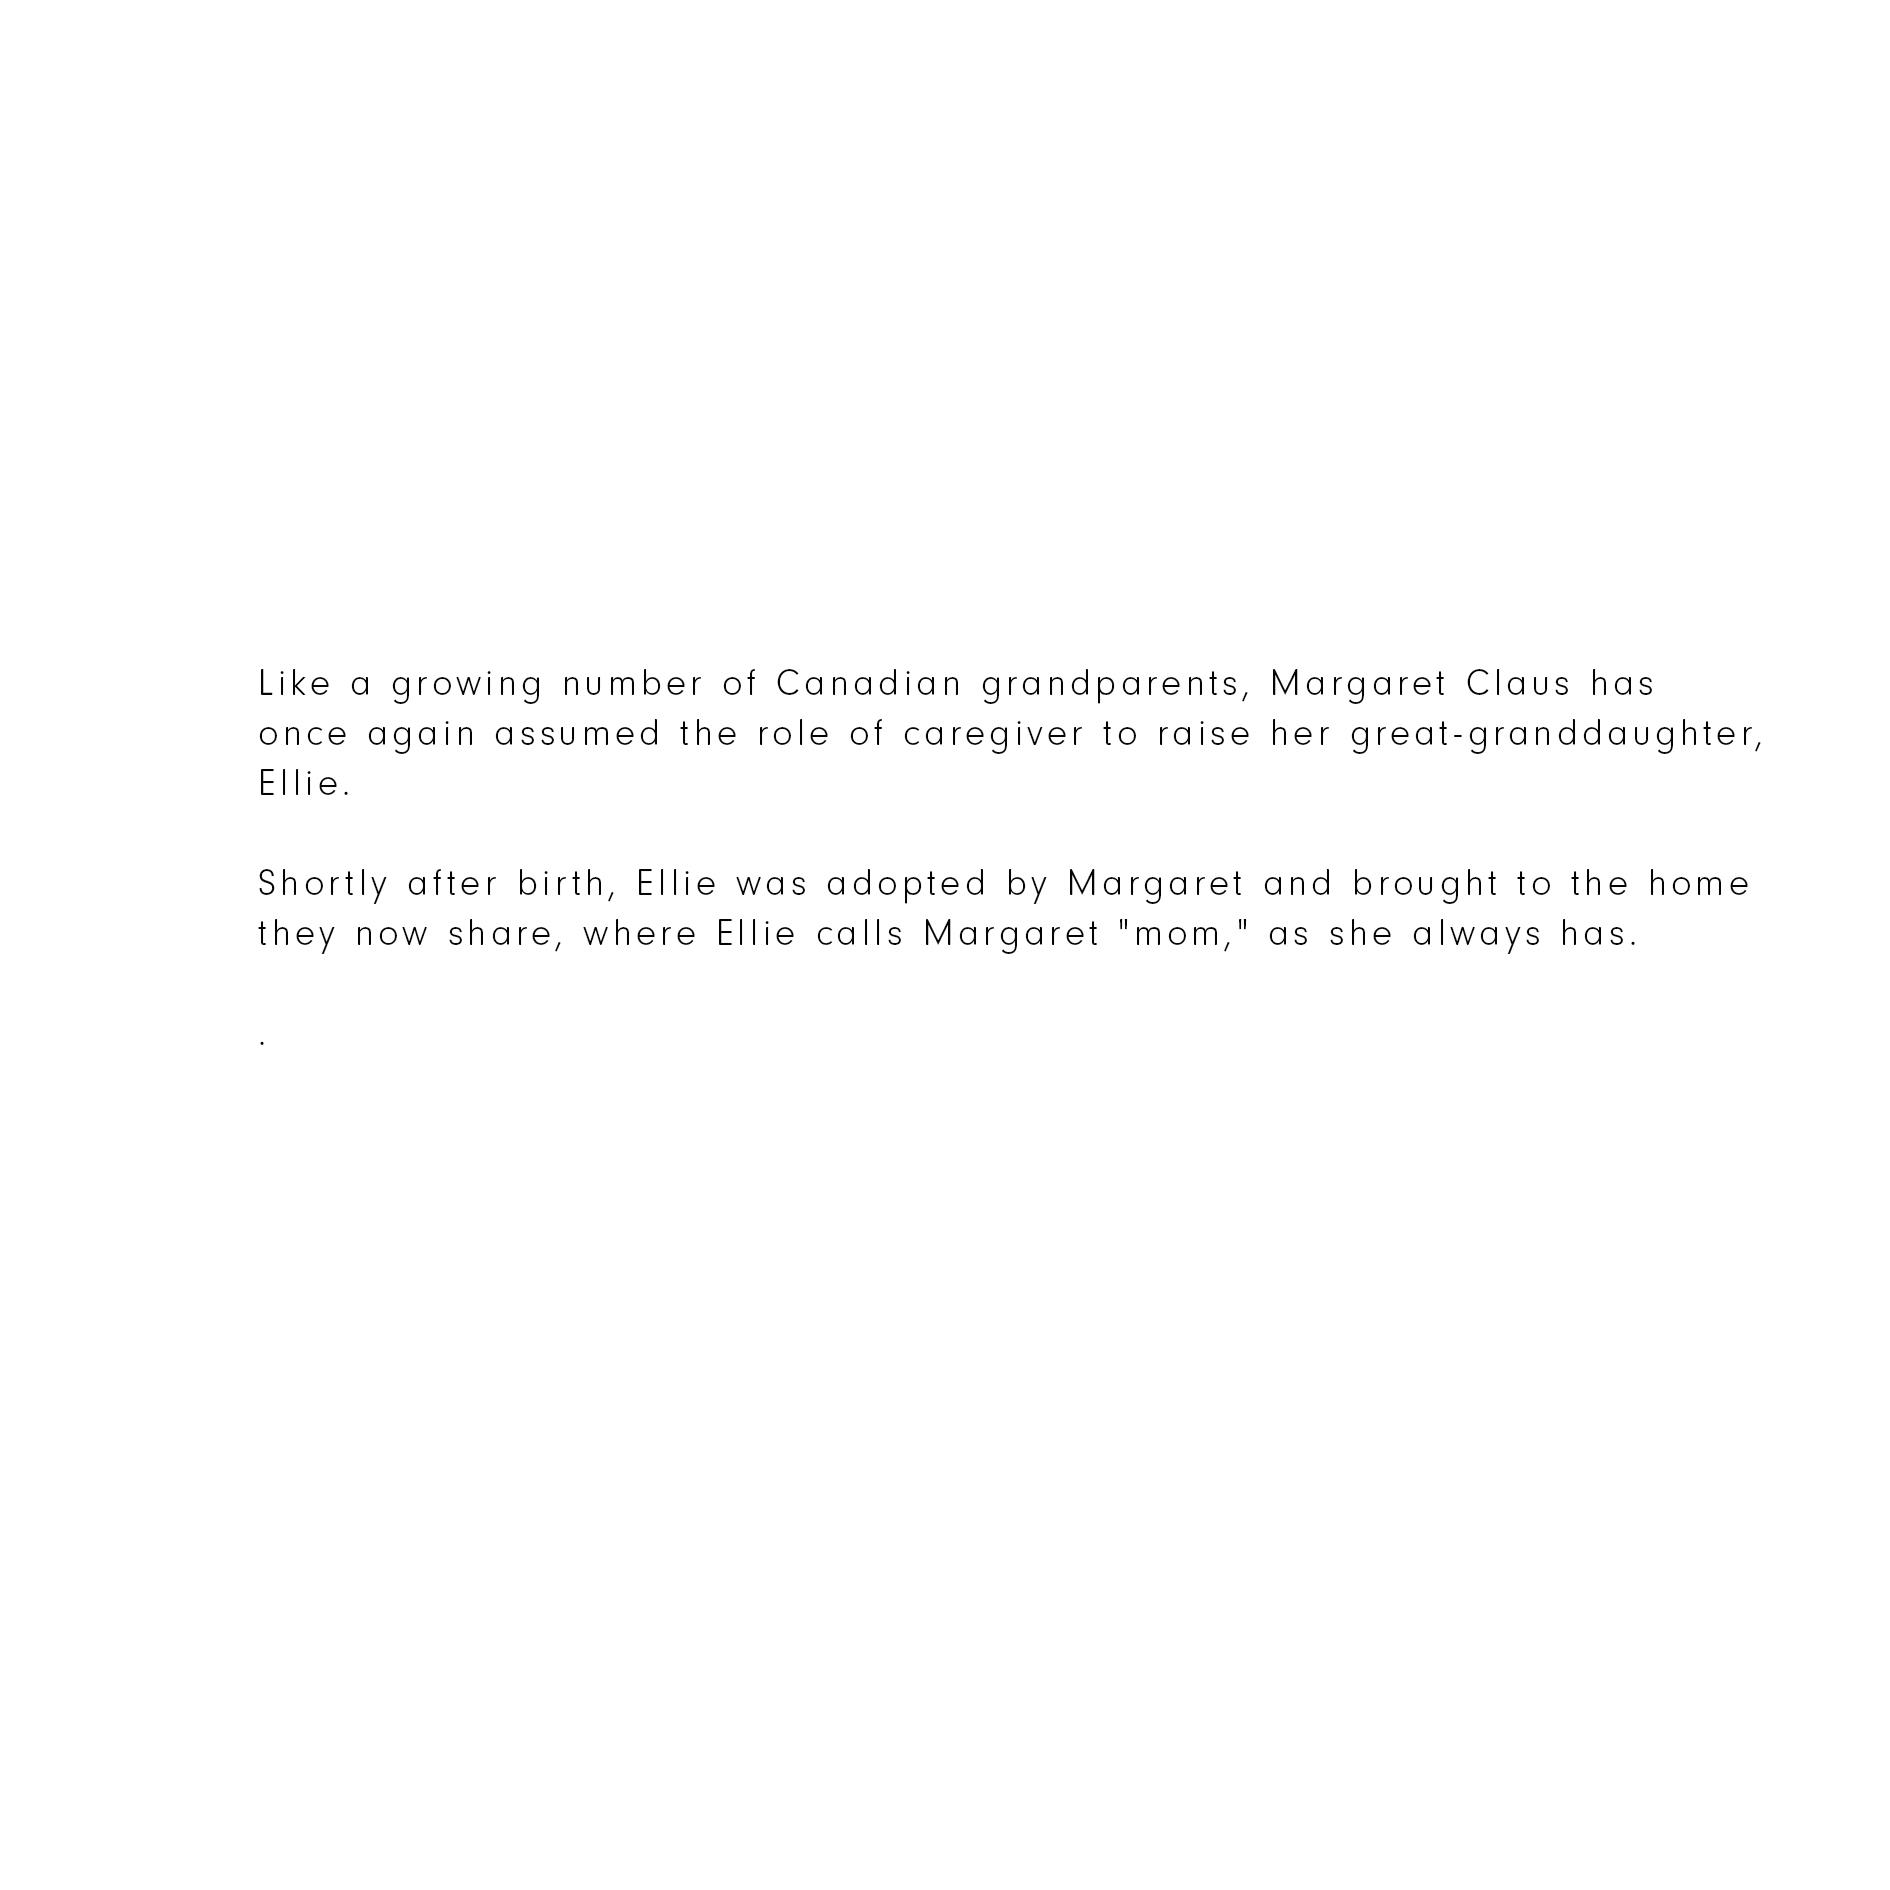 Website_LikeMother_Text.jpg